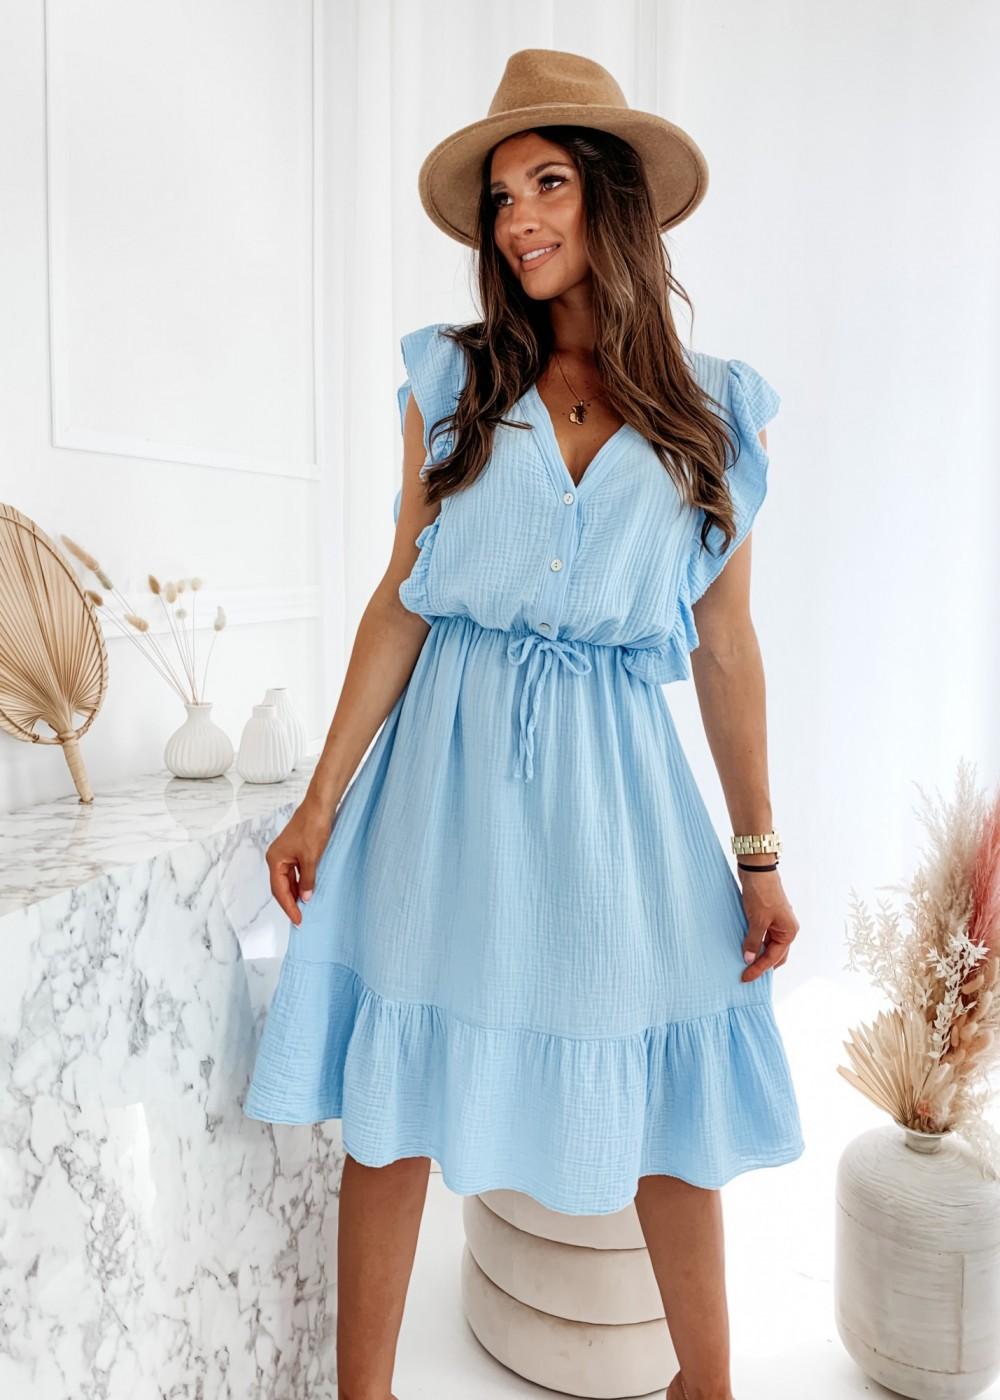 SUKIENKA MARCIANO - baby blue